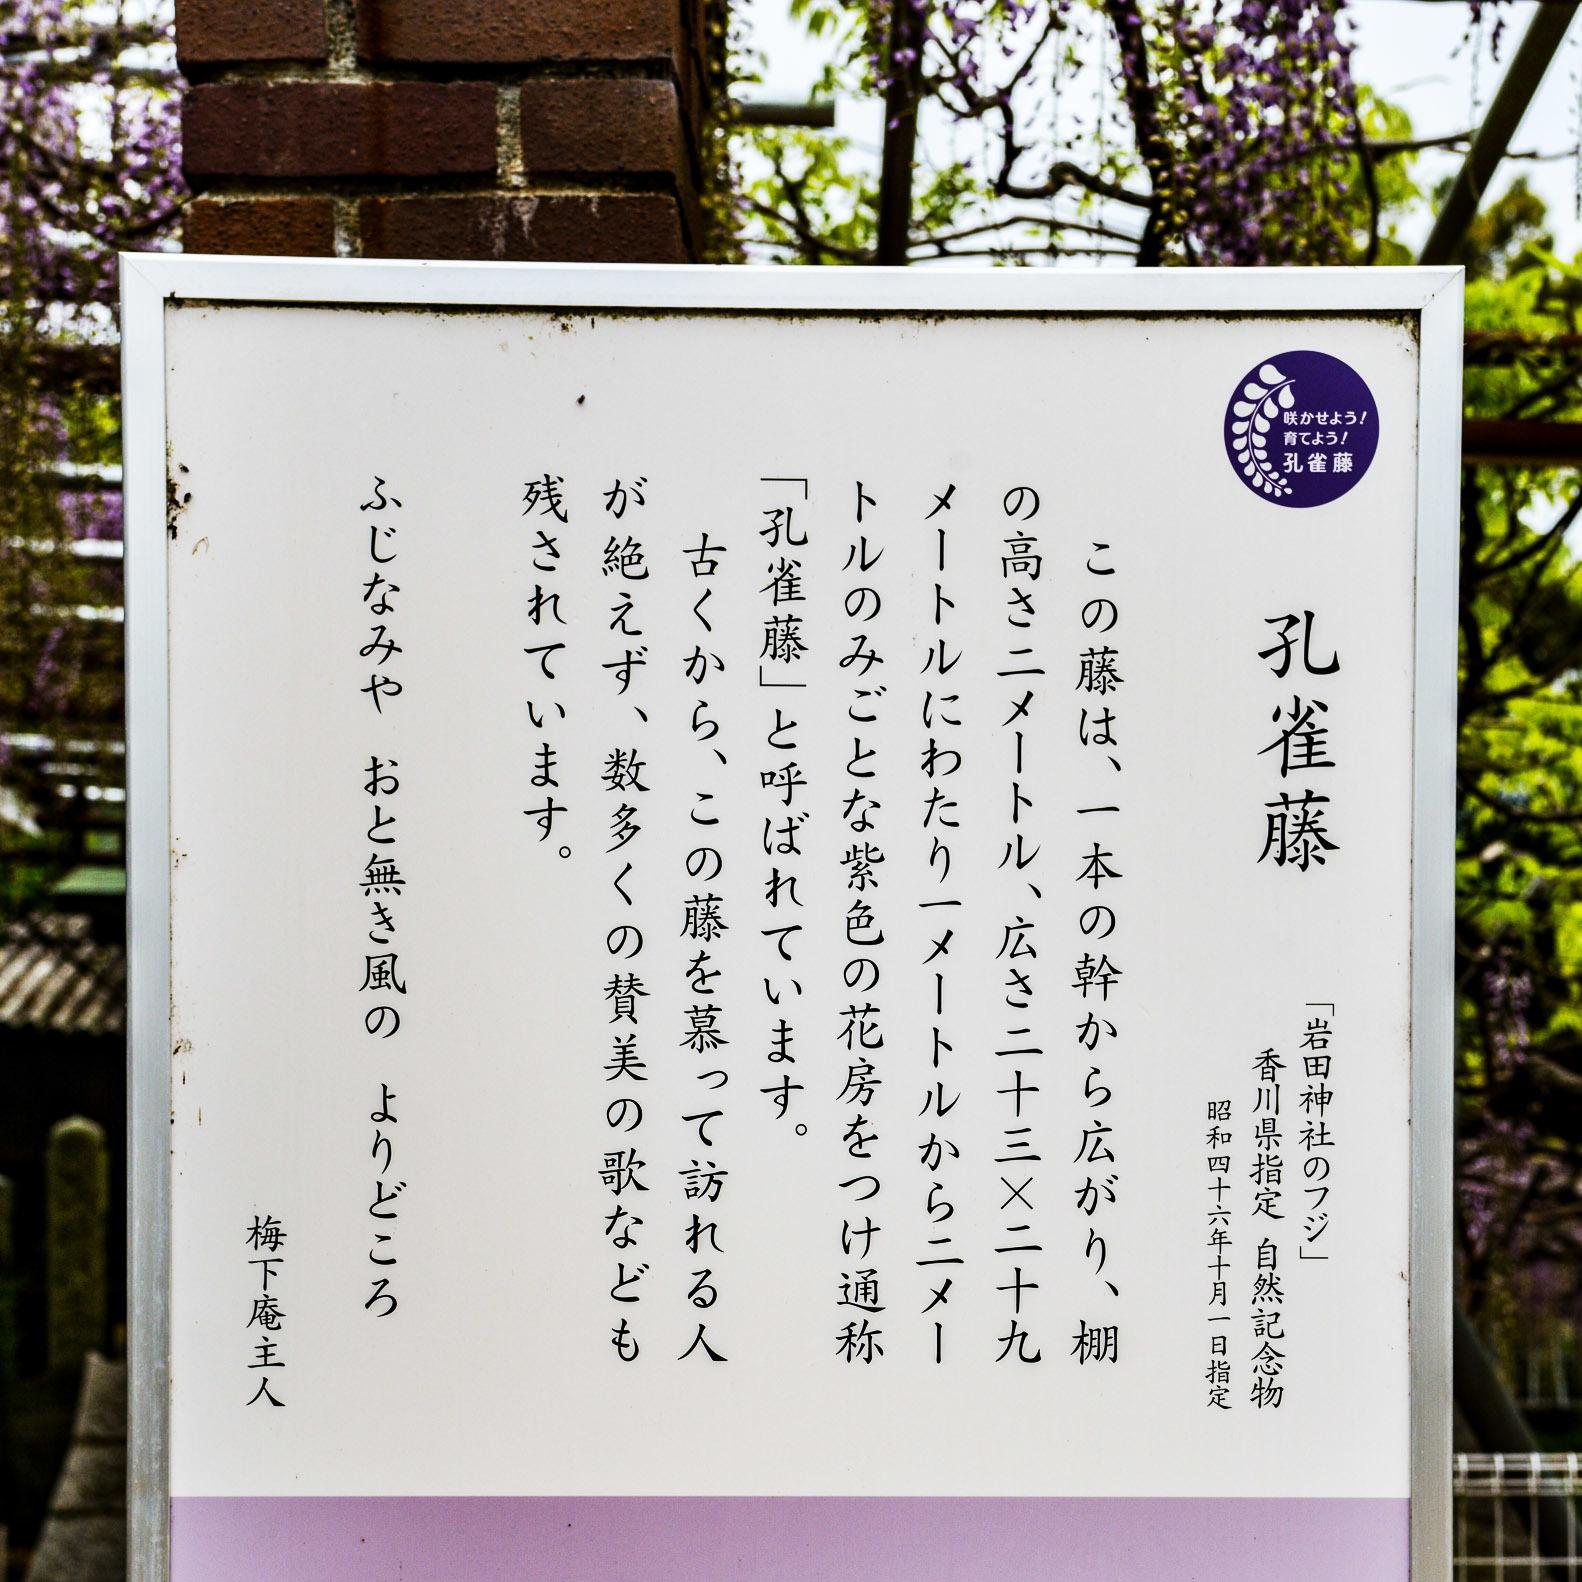 岩田神社 孔雀藤 2019_d0246136_19432622.jpg